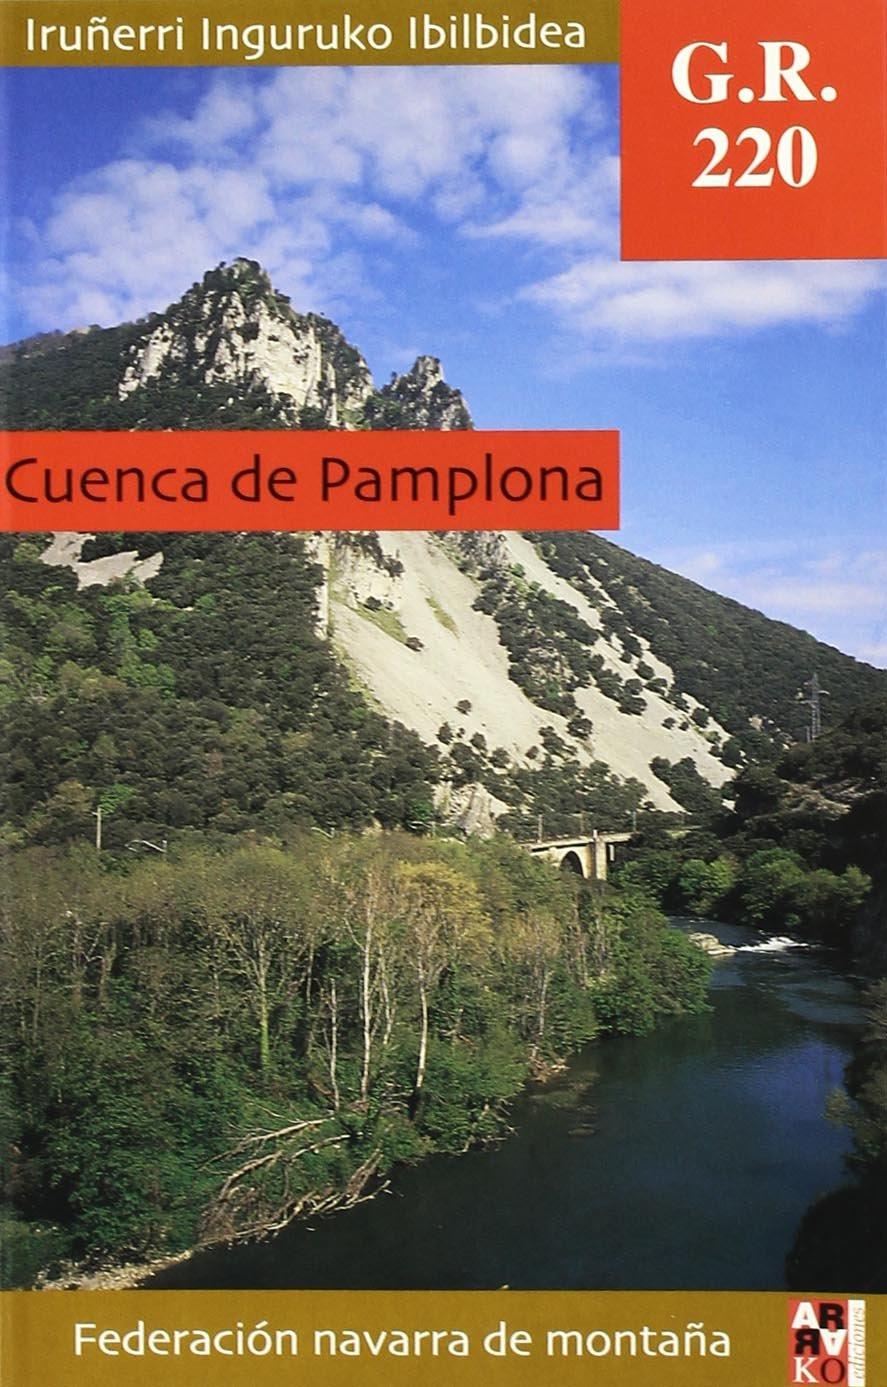 Gr 220 Cuenca de Pamplona=iruñerri inguruko ibilbidea ...